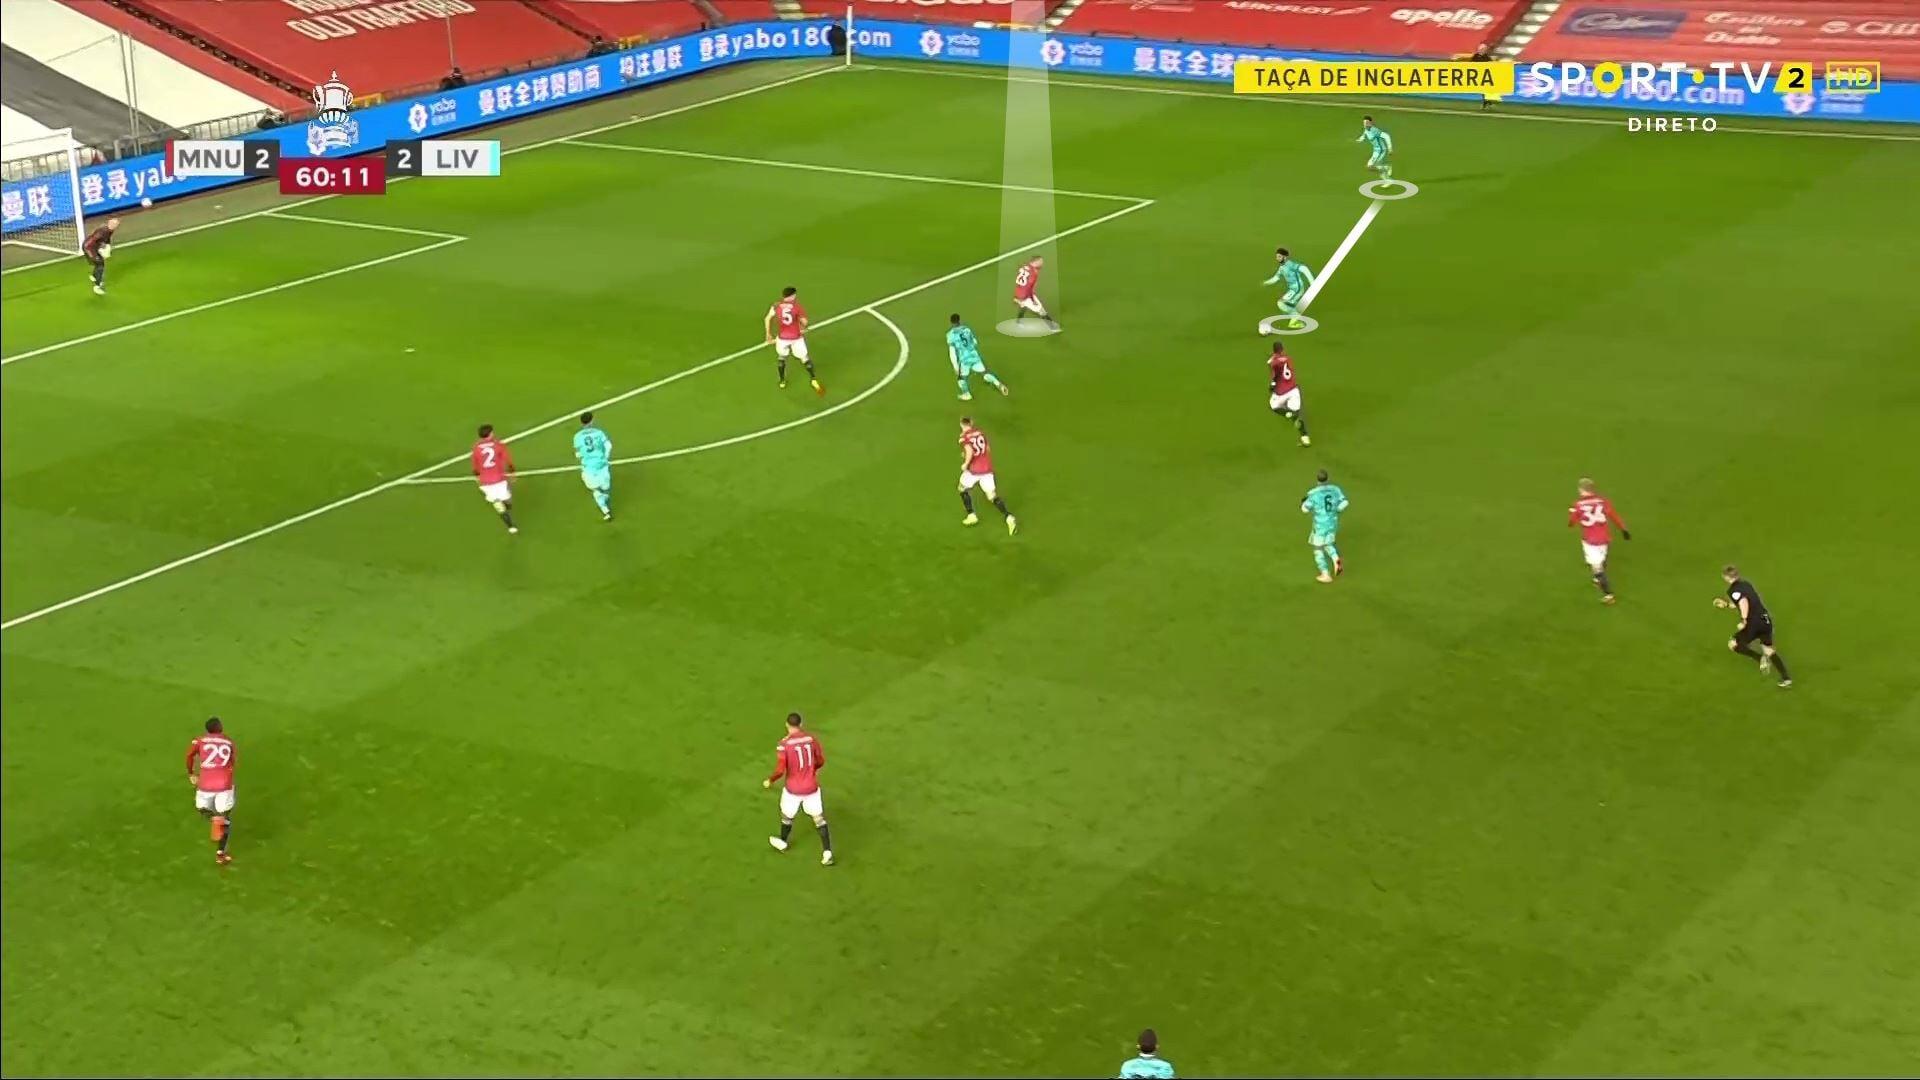 «МЮ» и «Ливерпуль» выдали шоу в кубке. Спонсор зрелищности – смелые позиции Трента и Рэшфорда («Юнайтед» лучше реализовал это преимущество)